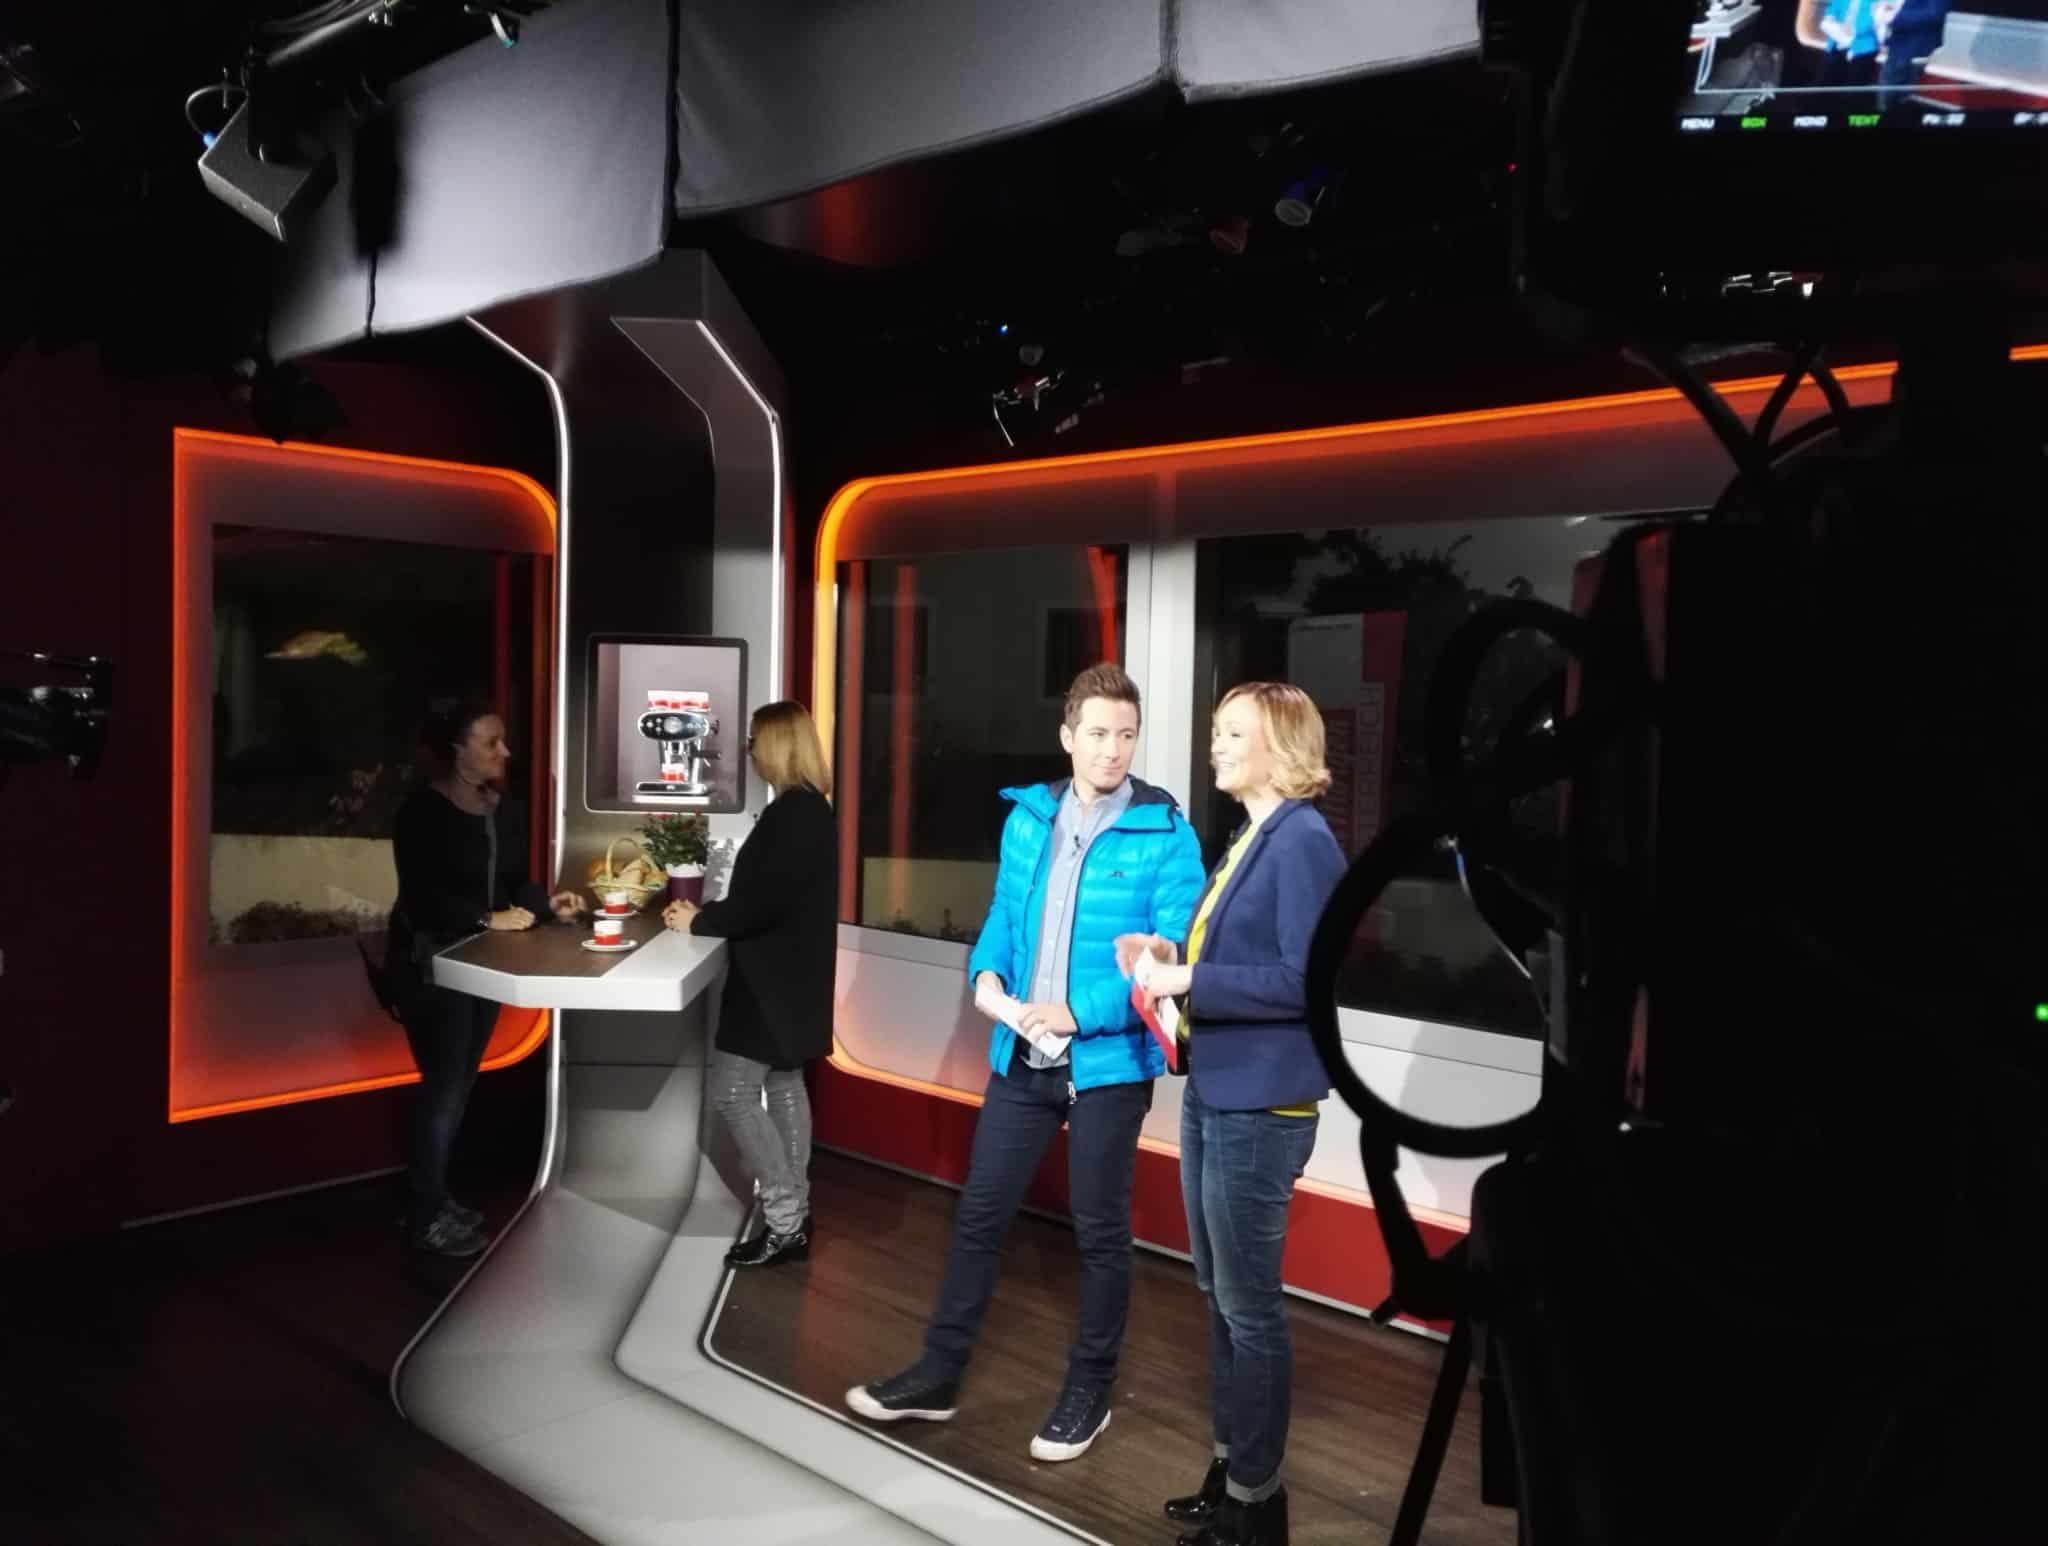 ORF Guten Morgen Österreich Tirol Sölden Woche C Andreas Felder 3 1 - ORF Guten Morgen Österreich - Tirol Woche